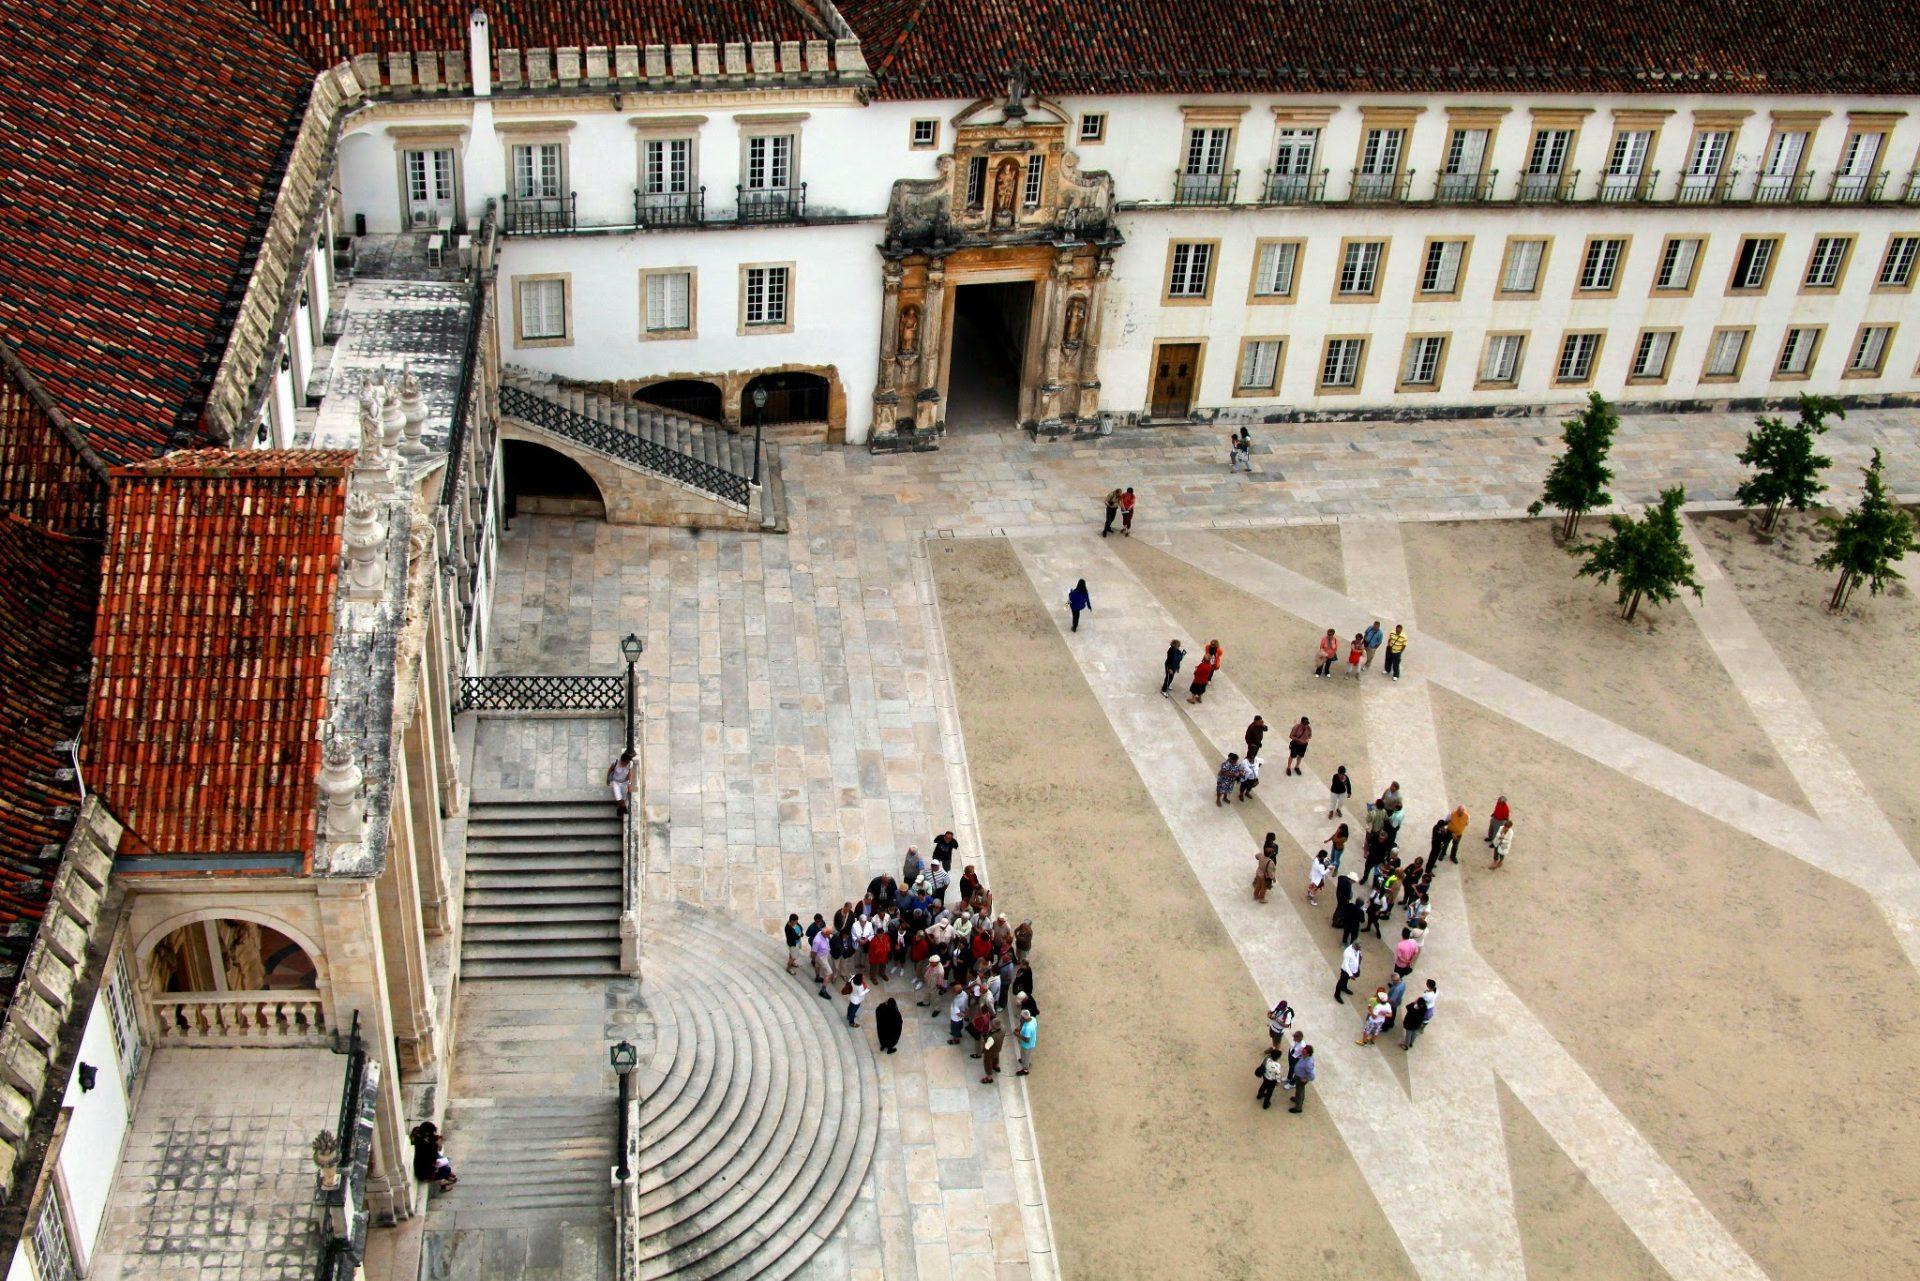 Pátio da Universidade de Coimbra. Coimbra, 16 de junho de 2013. PAULO NOVAIS / LUSA